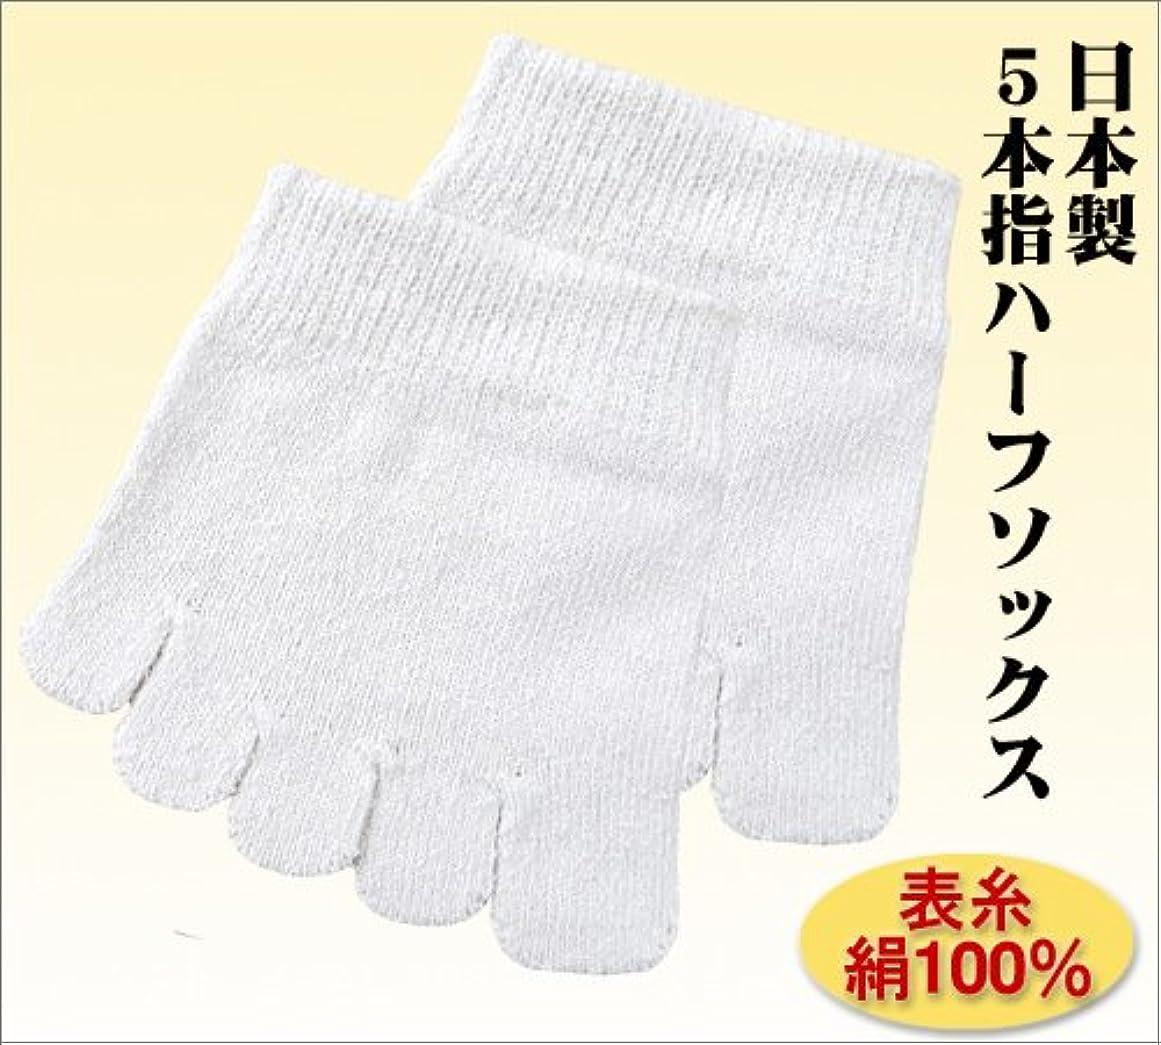 限られた振りかける騒々しい日本製 天然シルク5本指ハーフソックス 表糸絹100% 快適な指先ソックス 2足組 (紳士(オフ白2足組))